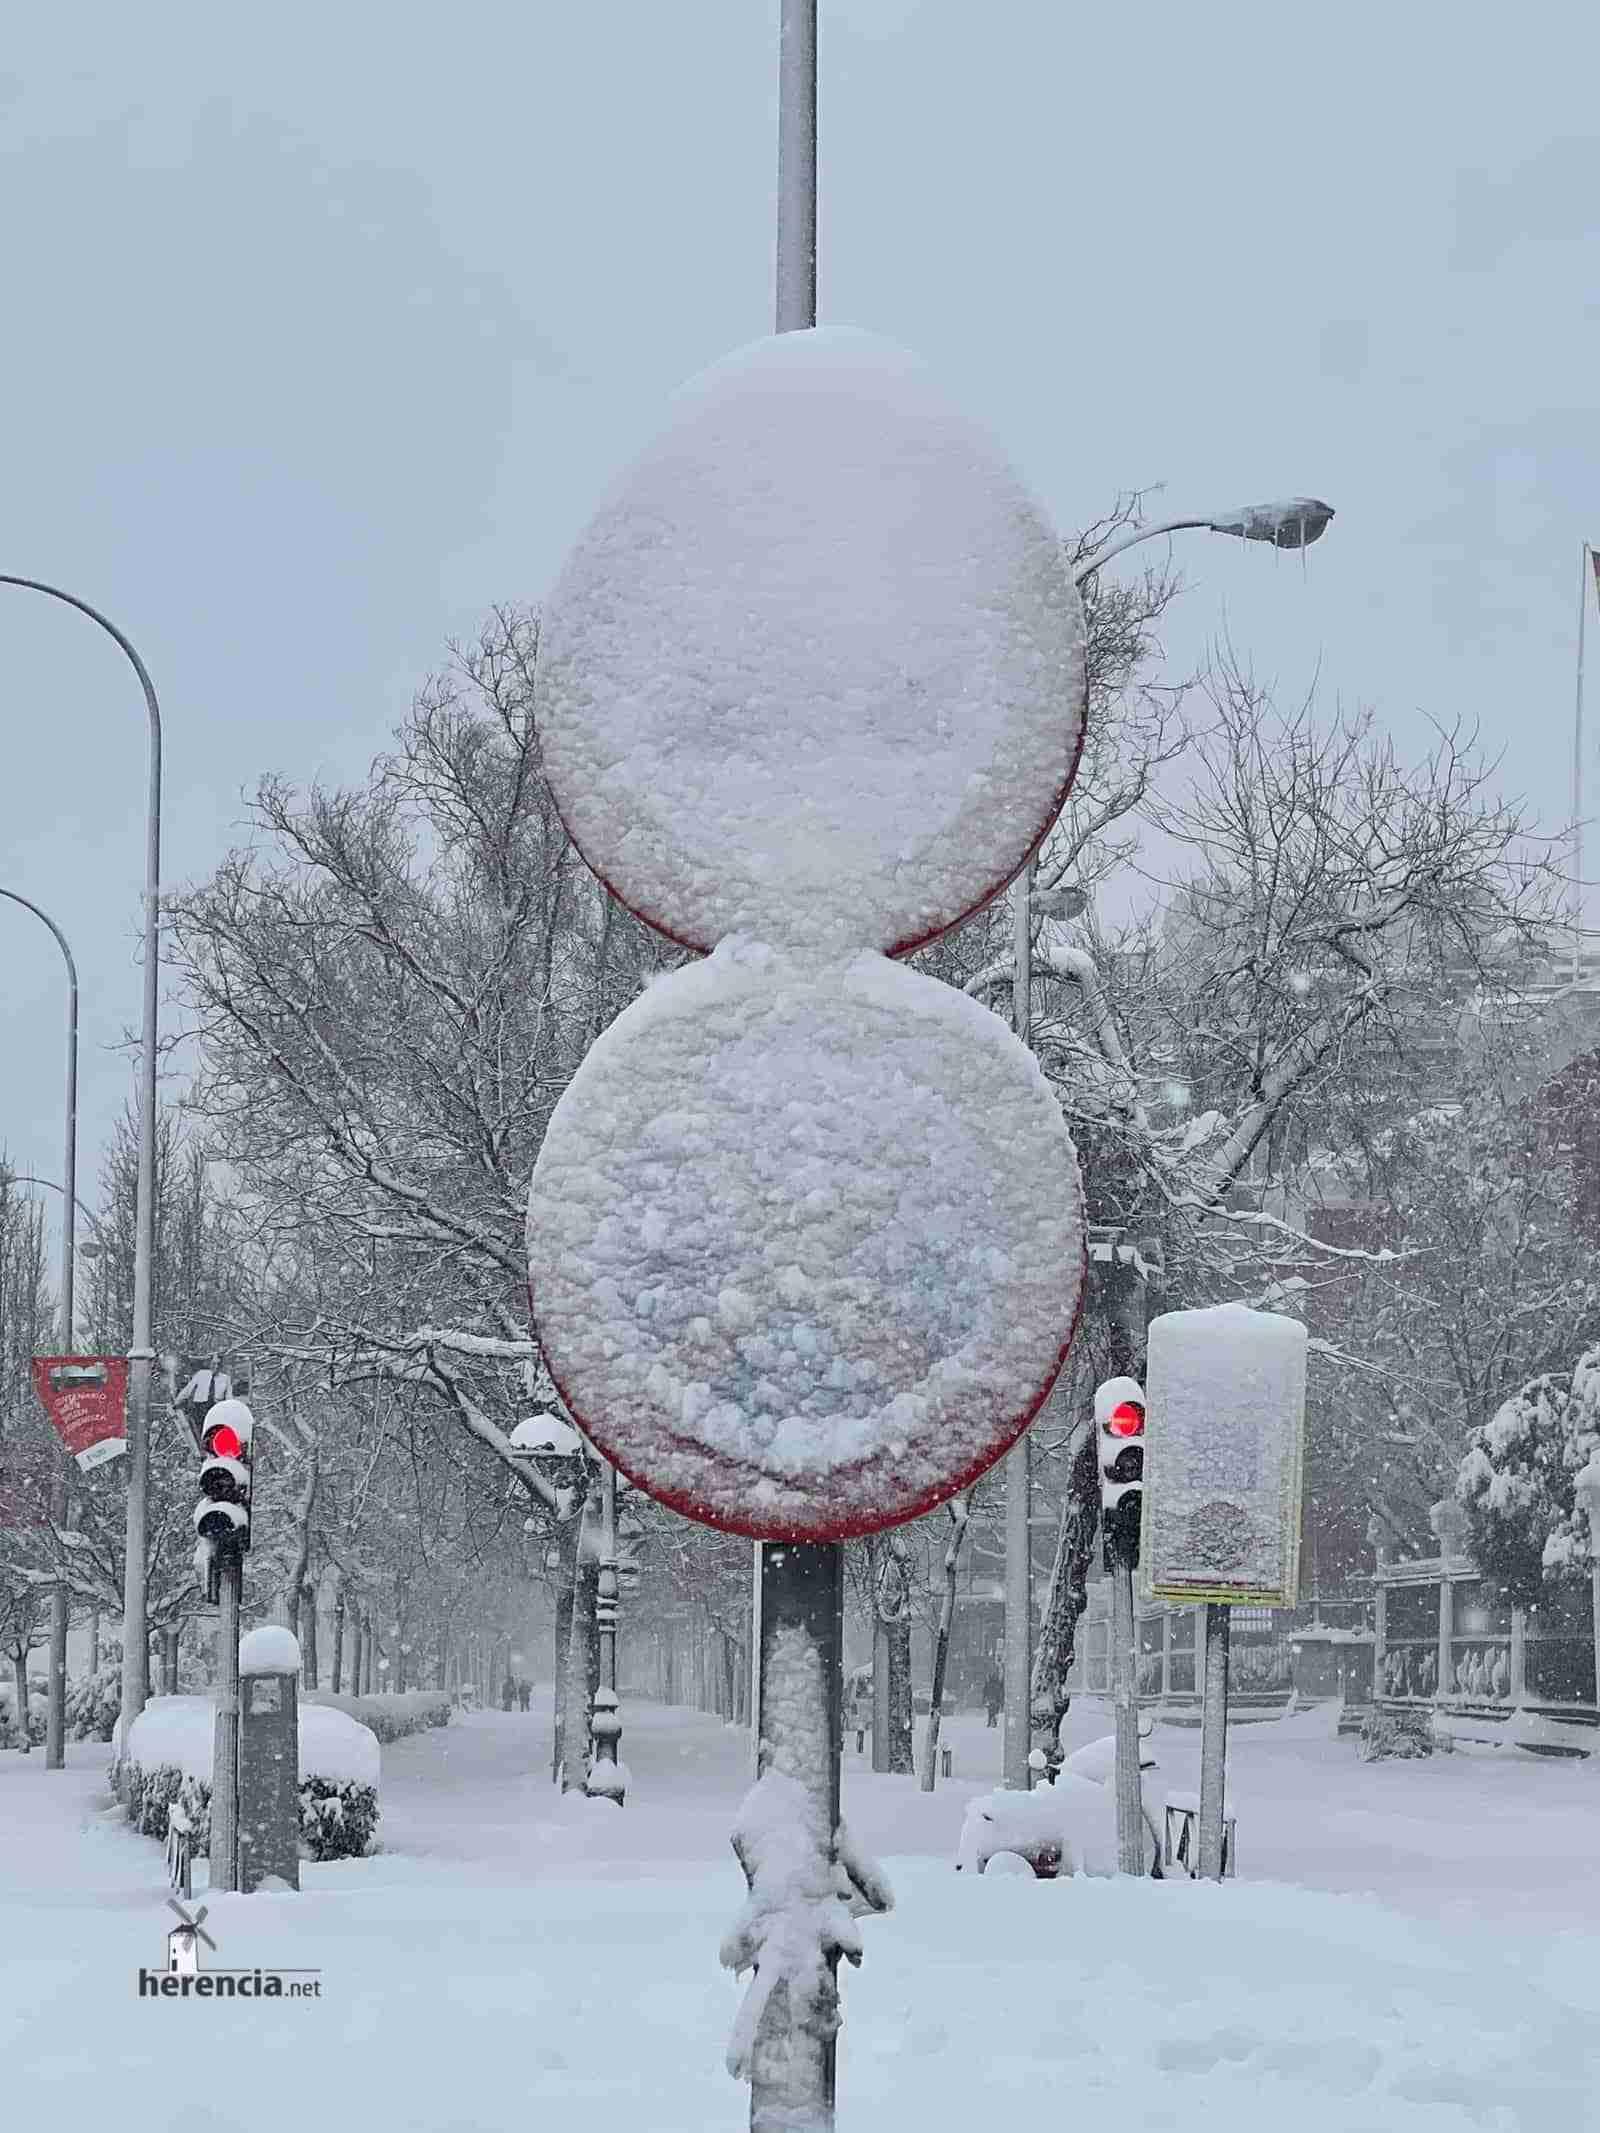 Fotografías de la nevada de enero en Madrid (España) 134